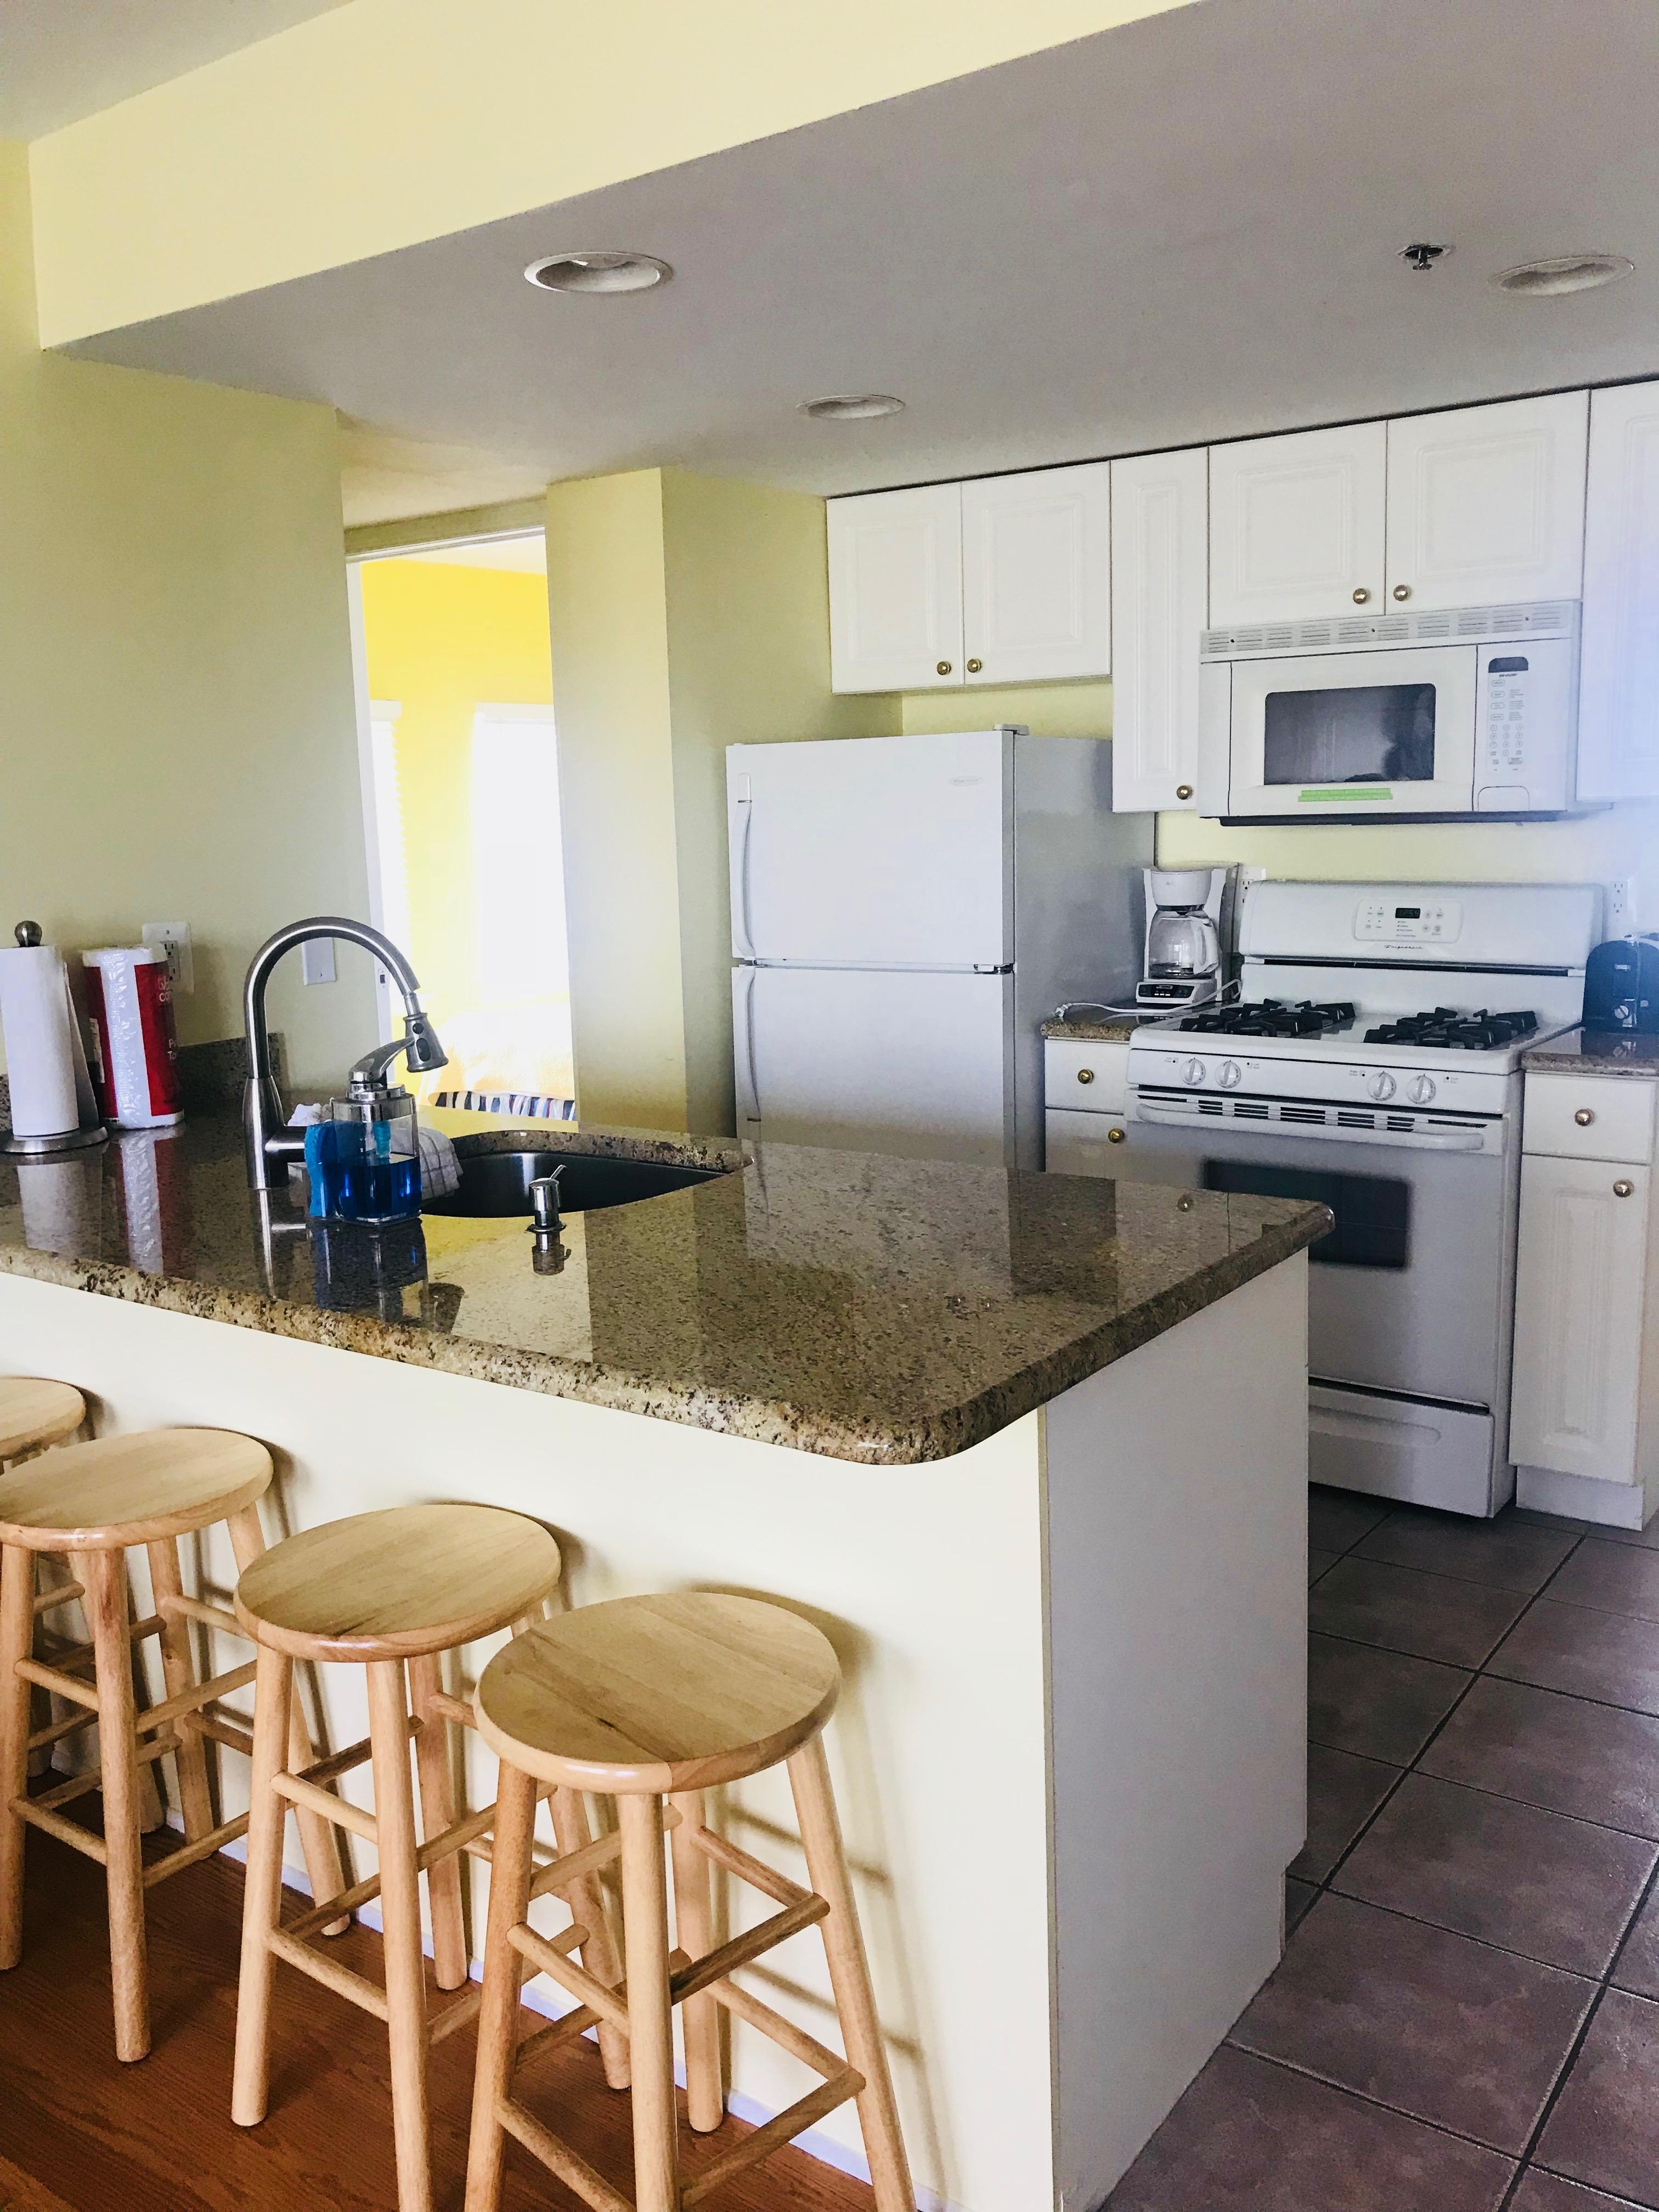 Unit 400 kitchen area